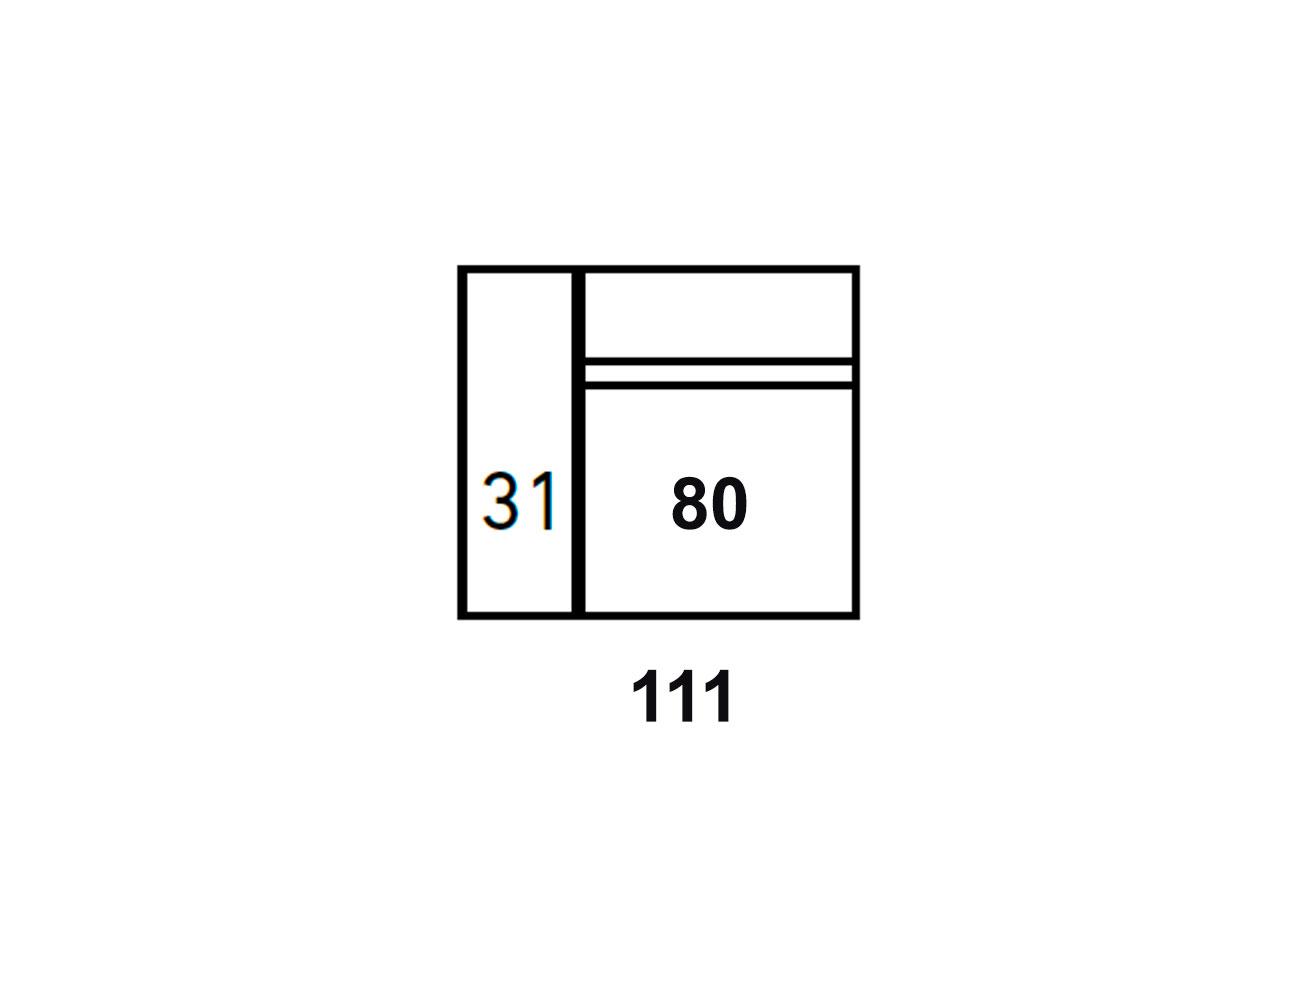 Modulo 1p 1112